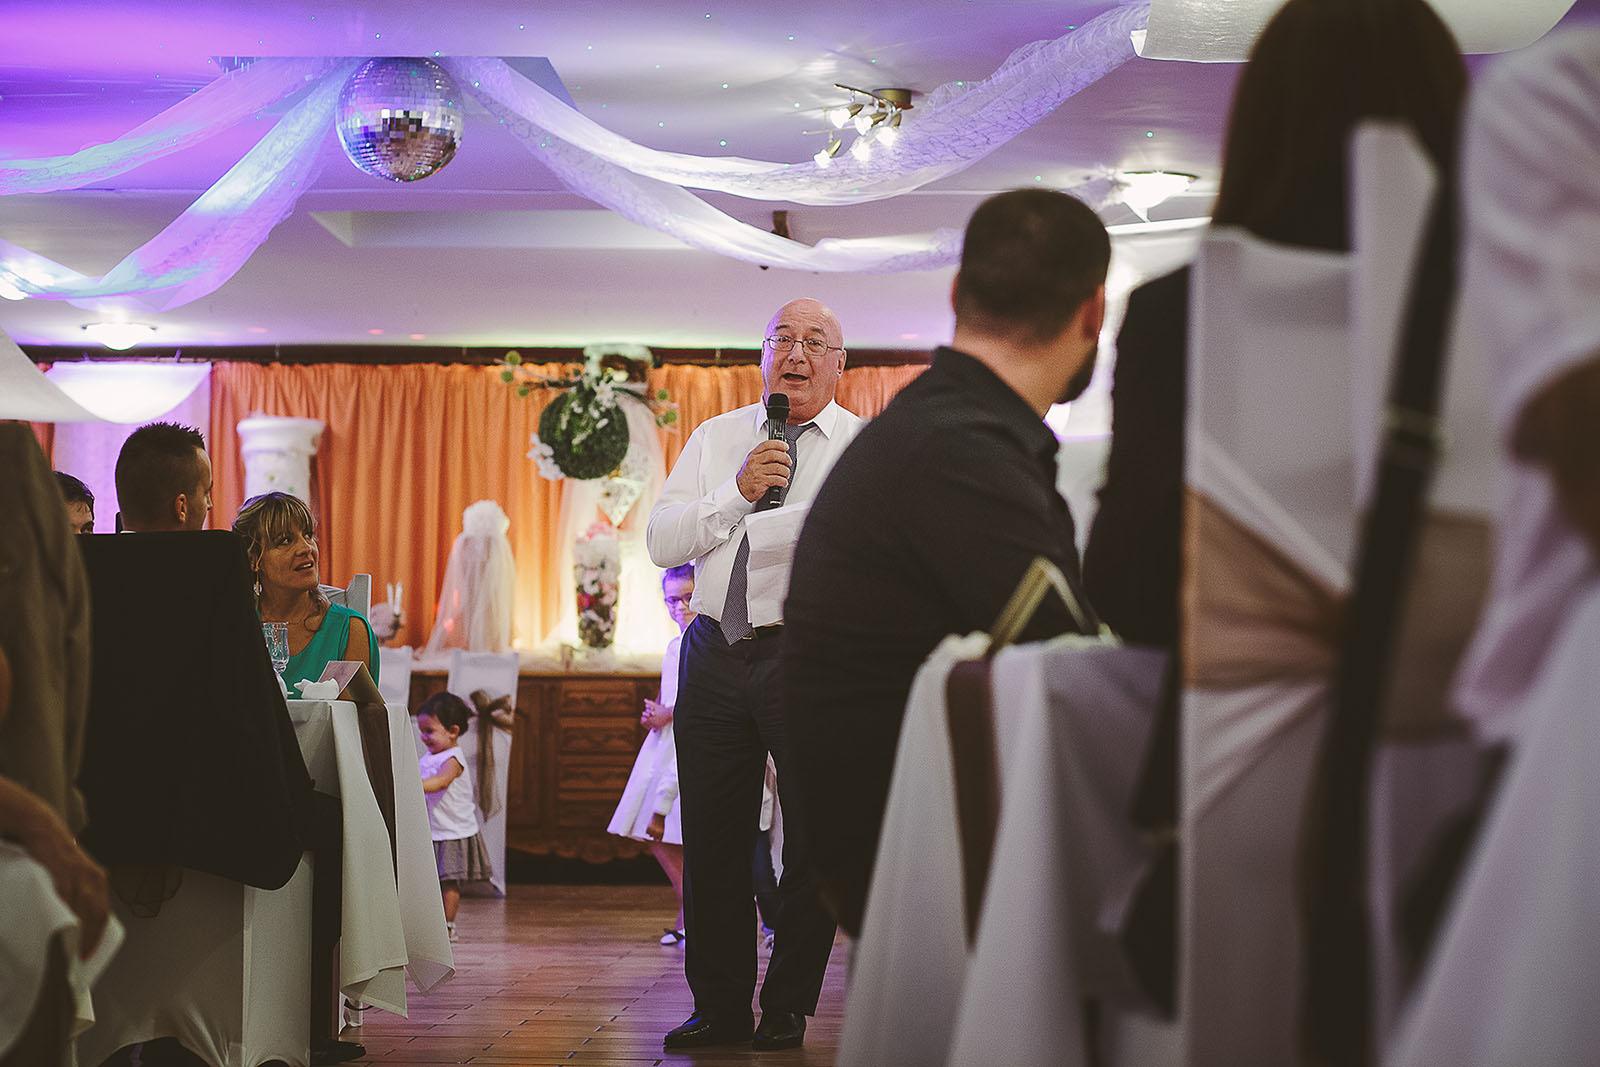 Mariage Villa Quélude David Pommier photographe de mariage. Le discours du papa